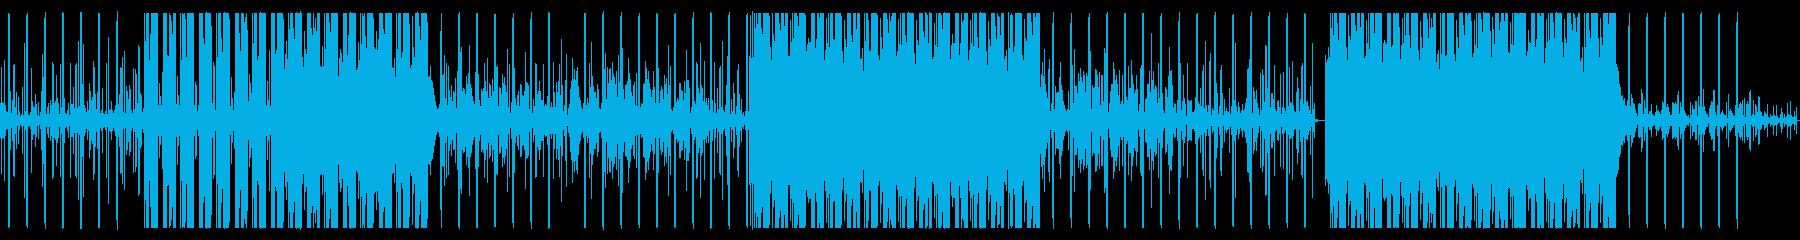 企業VP いやし・チル 180の再生済みの波形